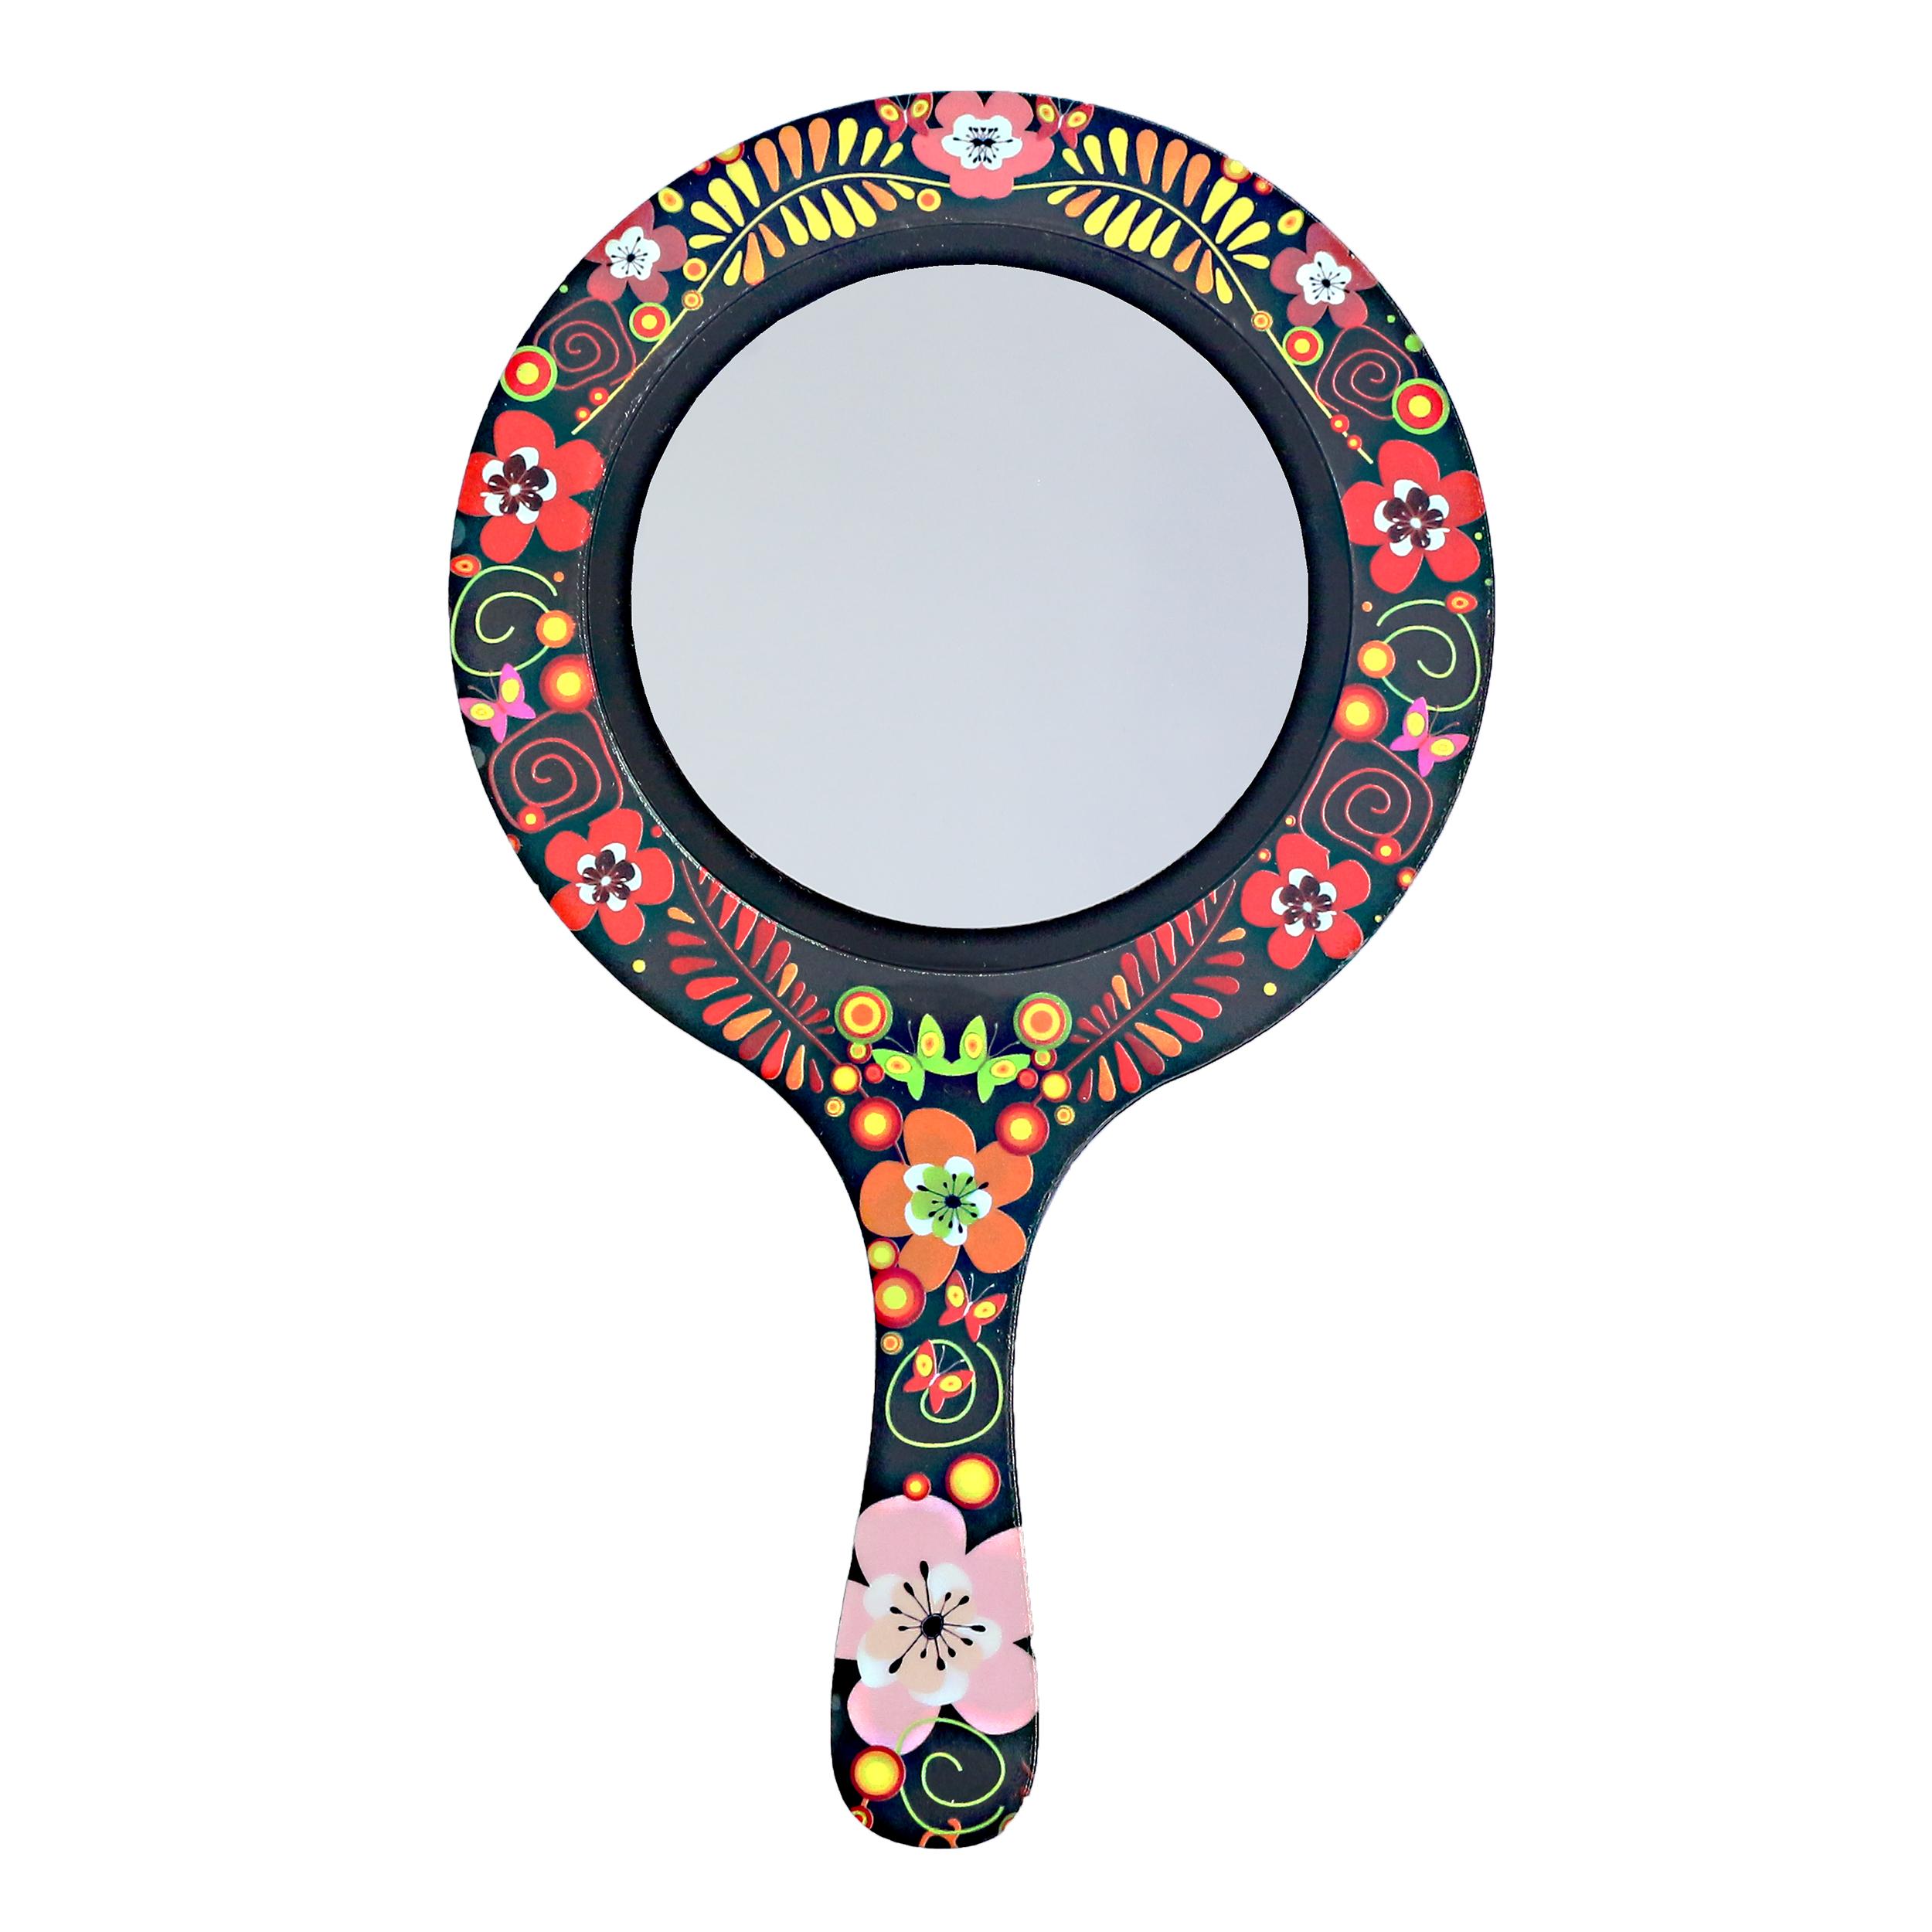 قیمت آینه آرایشی پرسناژ طرح گل مدل M02